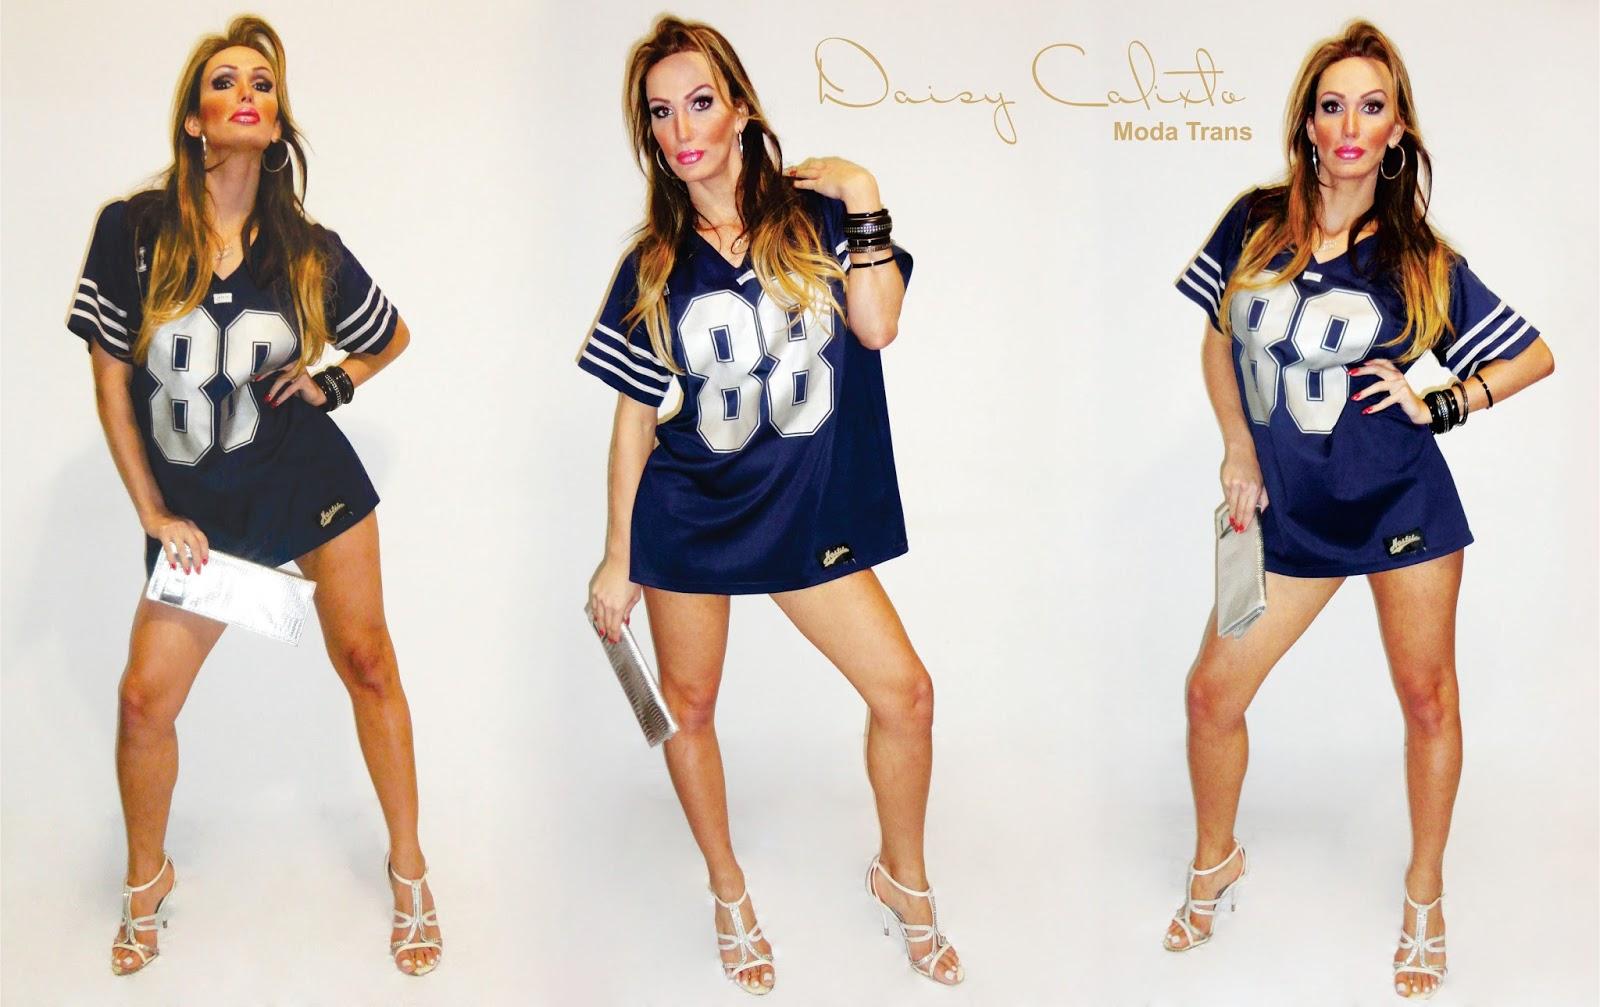 6907a153d3 Daisy Calixto Moda Trans  CAMISETAS ESPORTIVAS